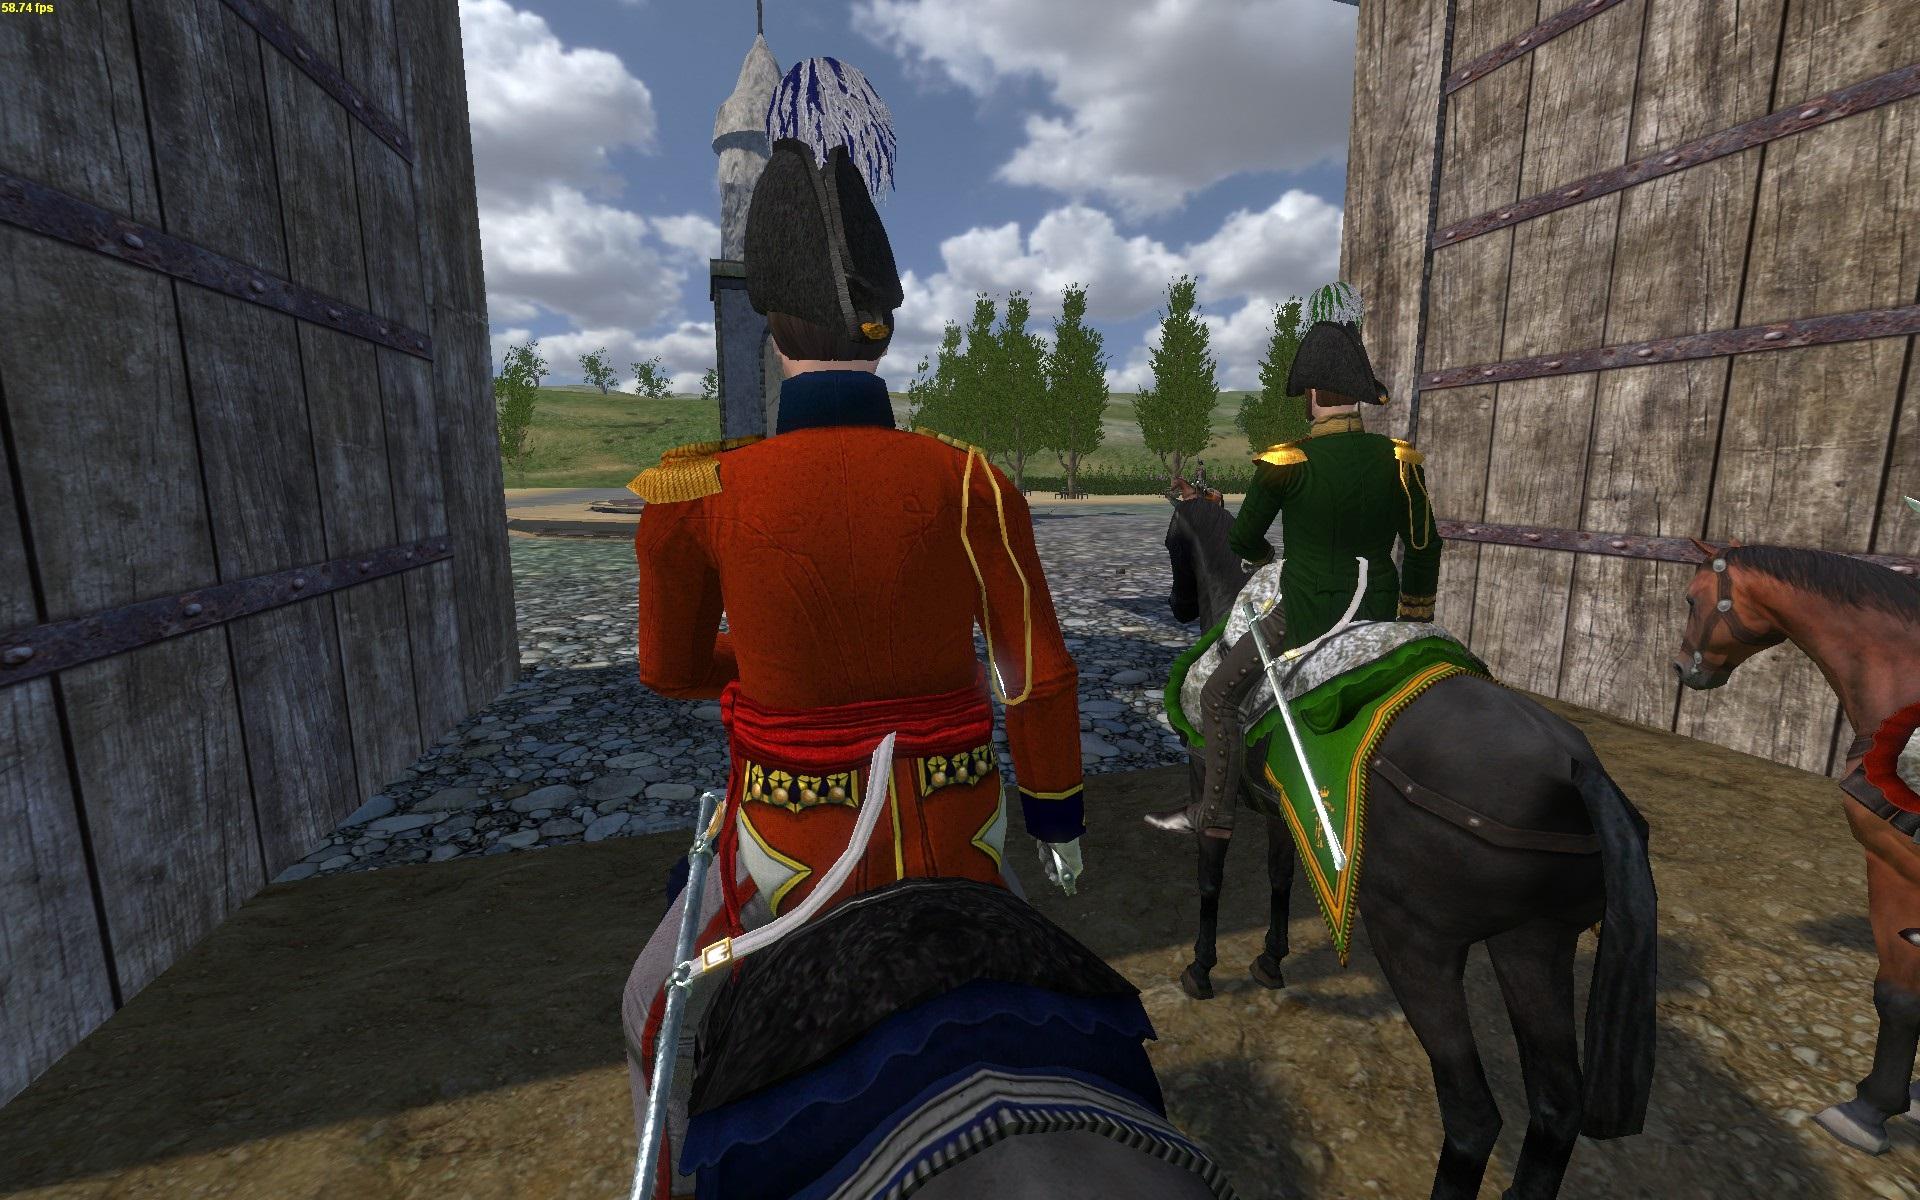 Major T3cHn1k zu Pferd [hinten]